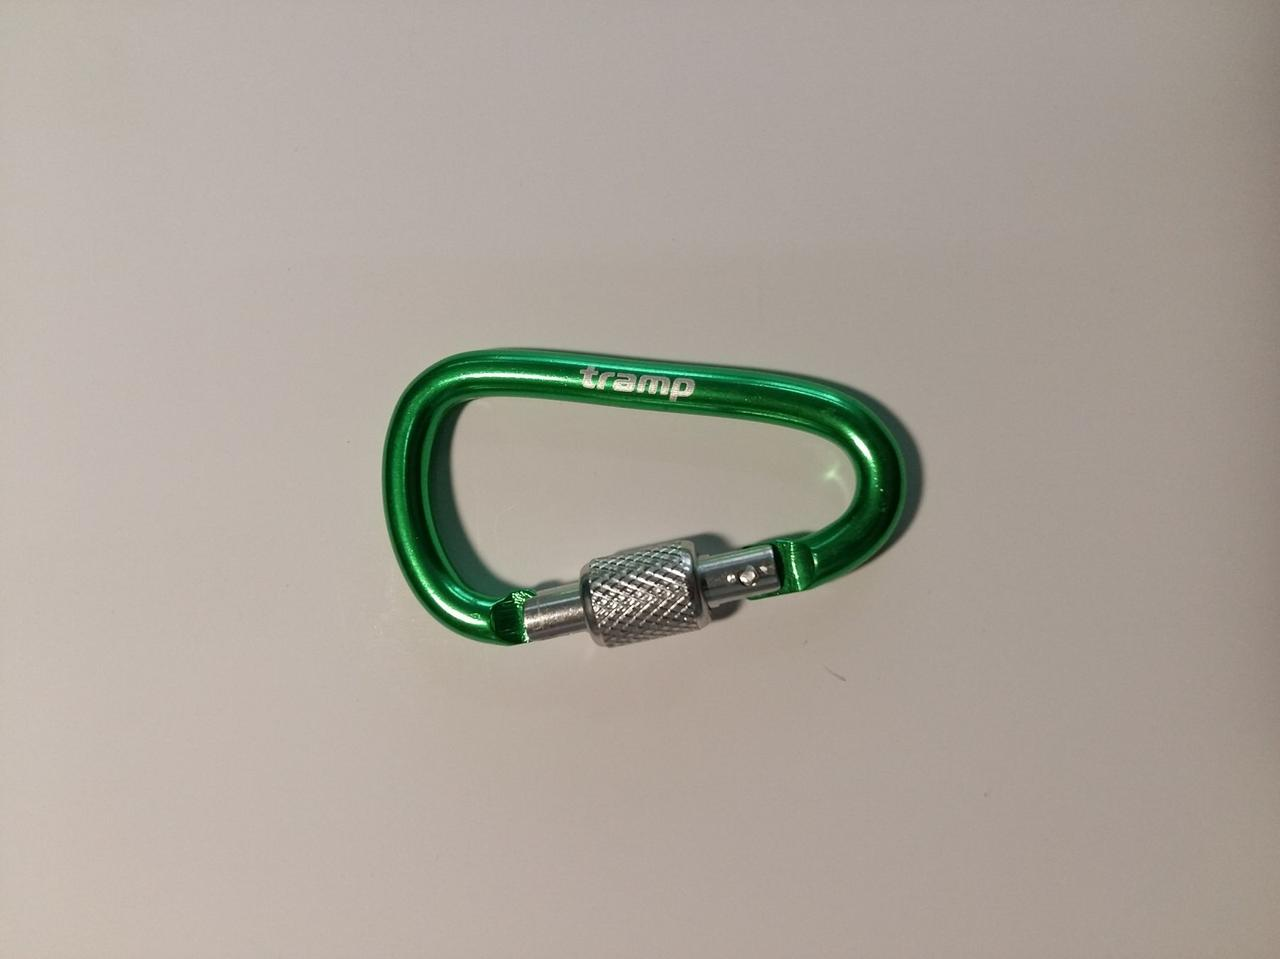 Карабін Tramp алюмінієвий, розмір 6 см, з муфтою, зелений арт.TRA-007